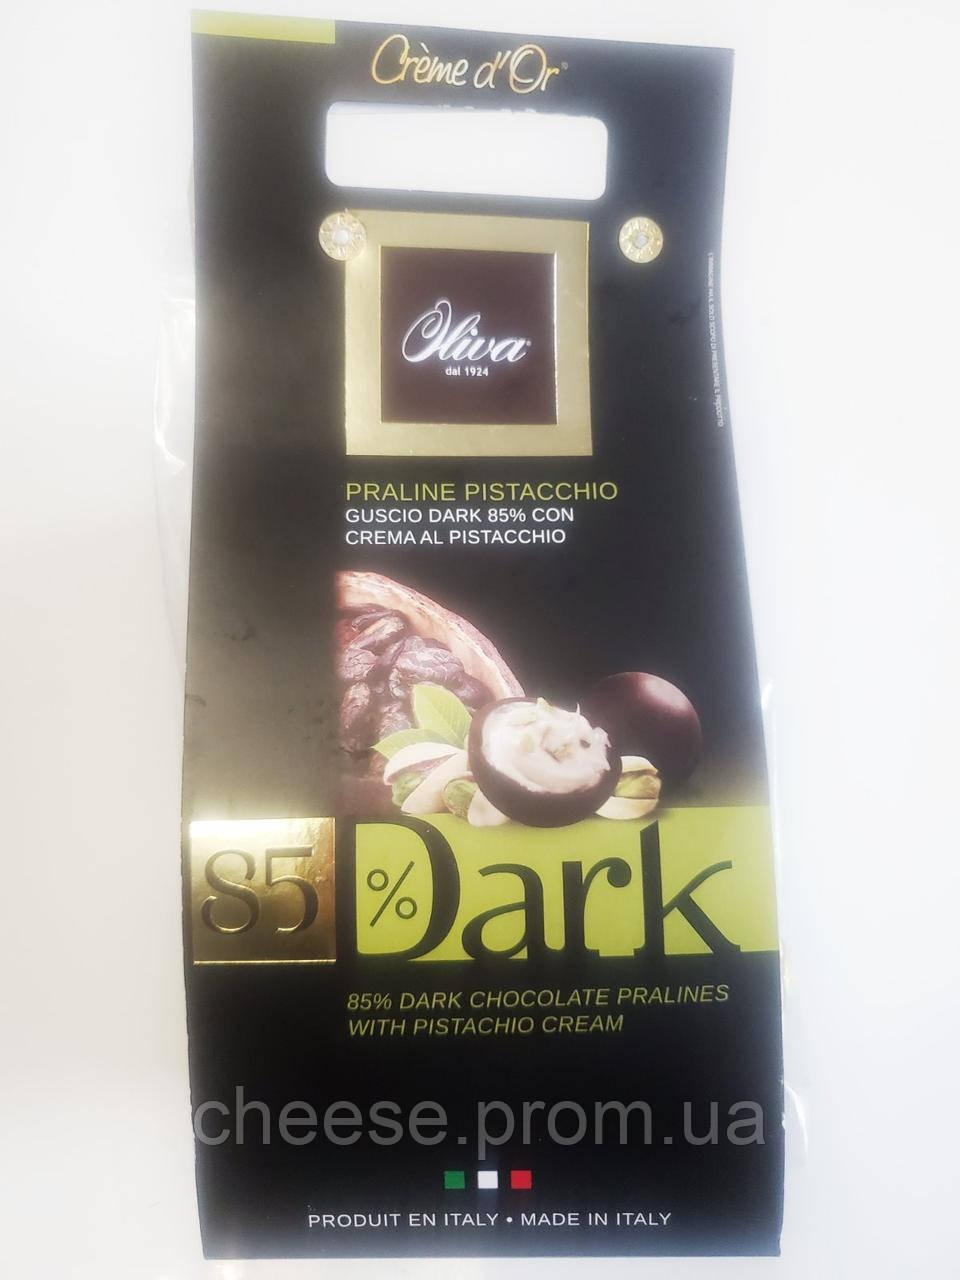 Конфеты пралине черный шоколад 85% с молочно фисташковой начинкой ТМ Олива